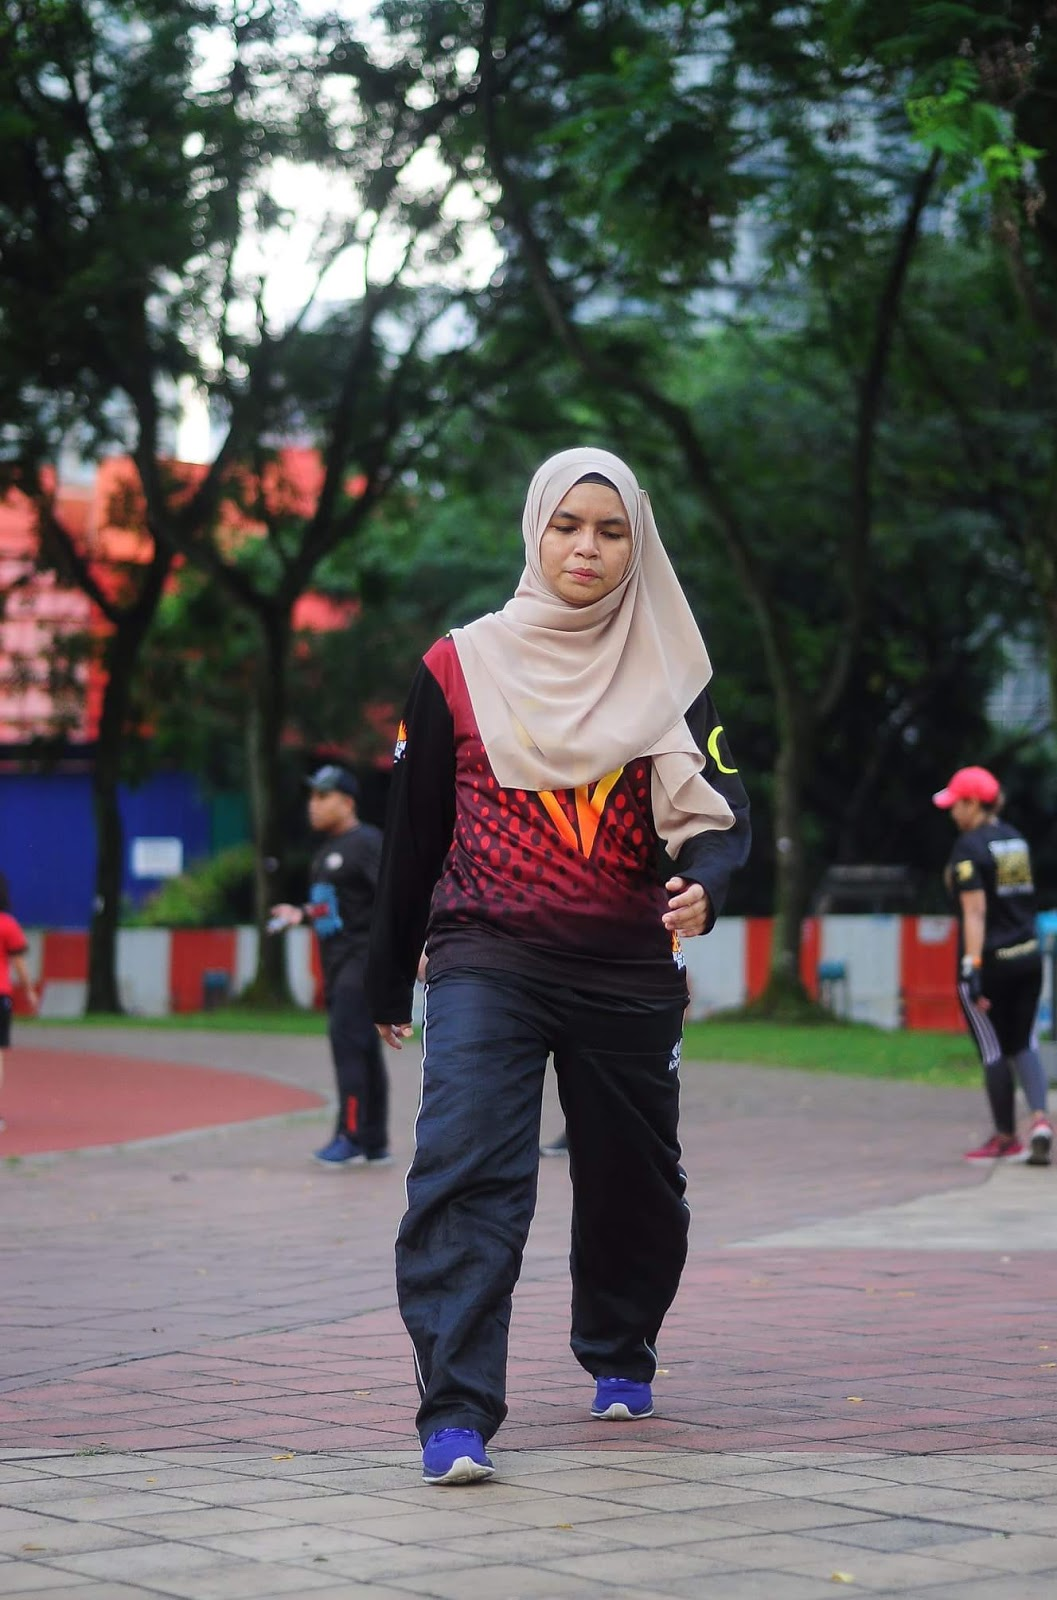 FitRaya 2.0 - Berat Badan Lebih Mudah Turun Dengan Workout Di Bulan Ramadhan?